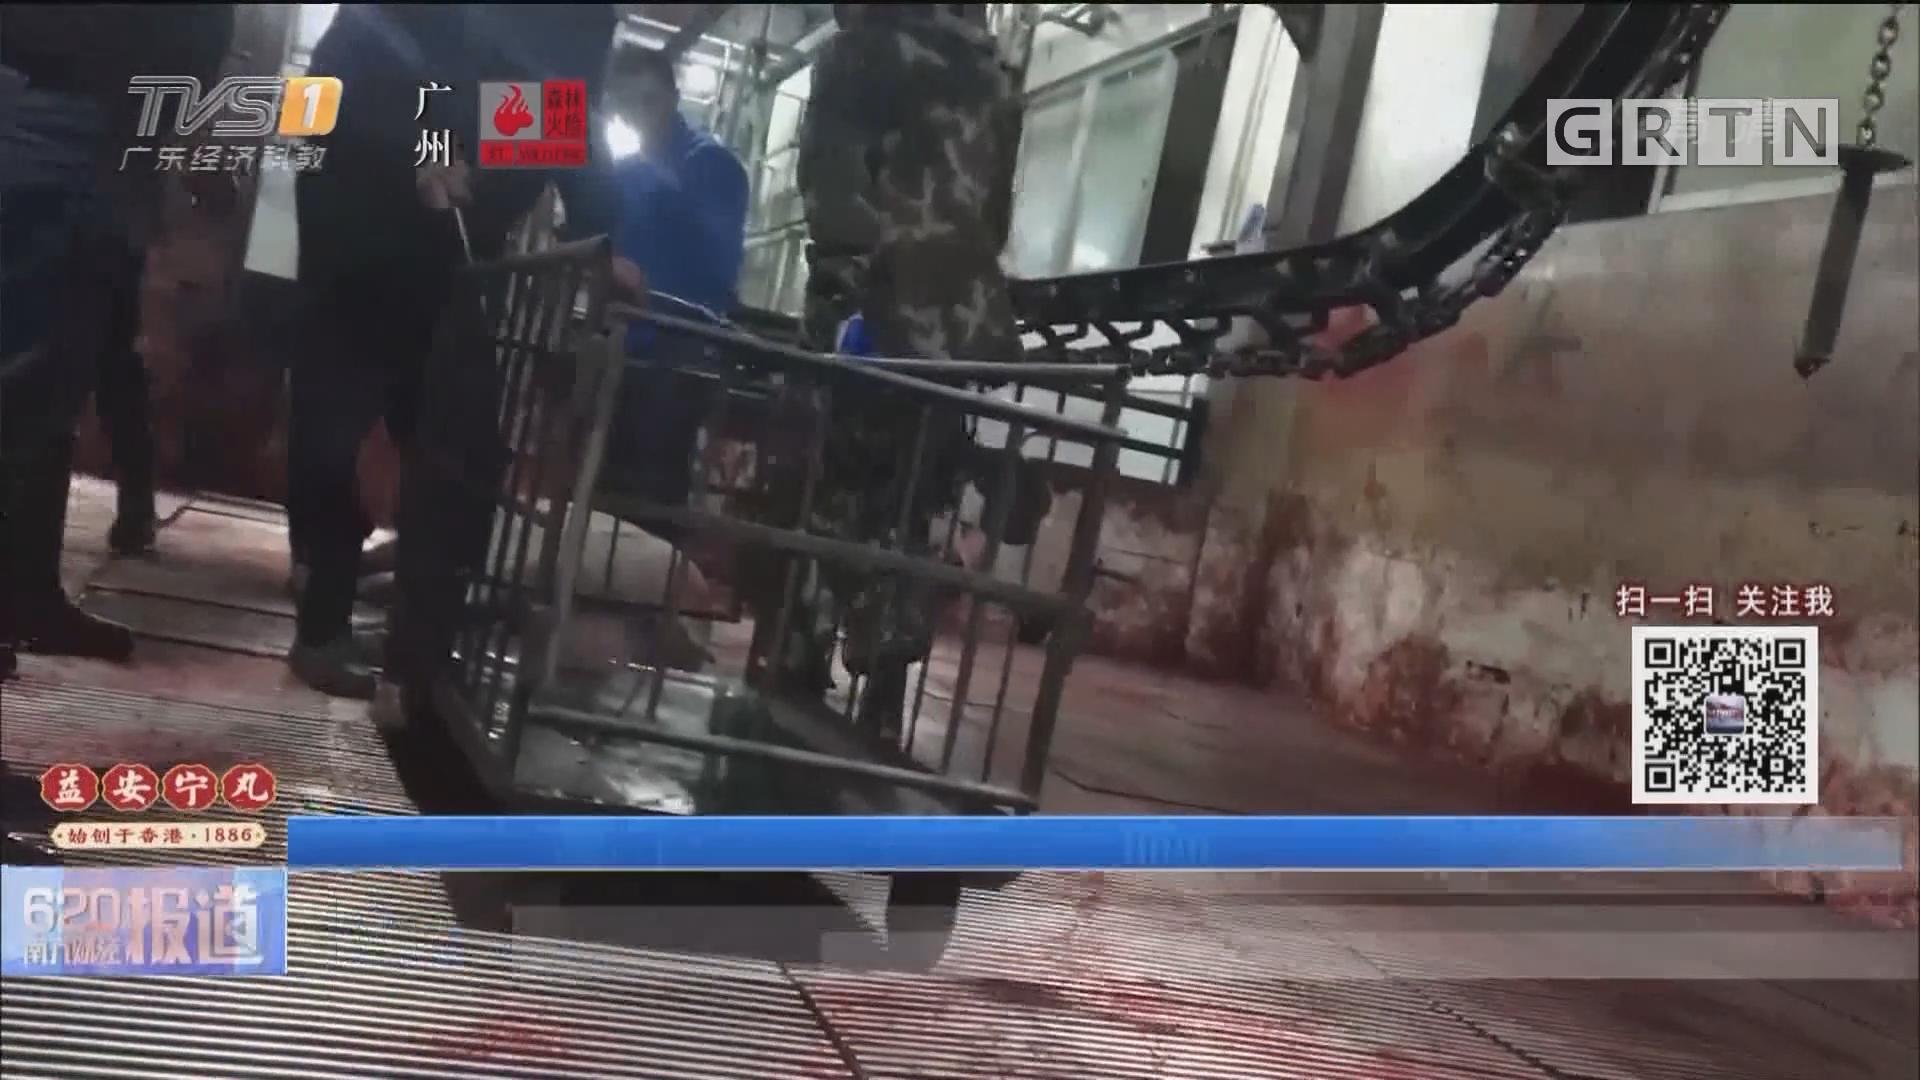 病死猪肉流入市场调查:正规肉联厂宰杀病死猪 检疫盖章一条龙